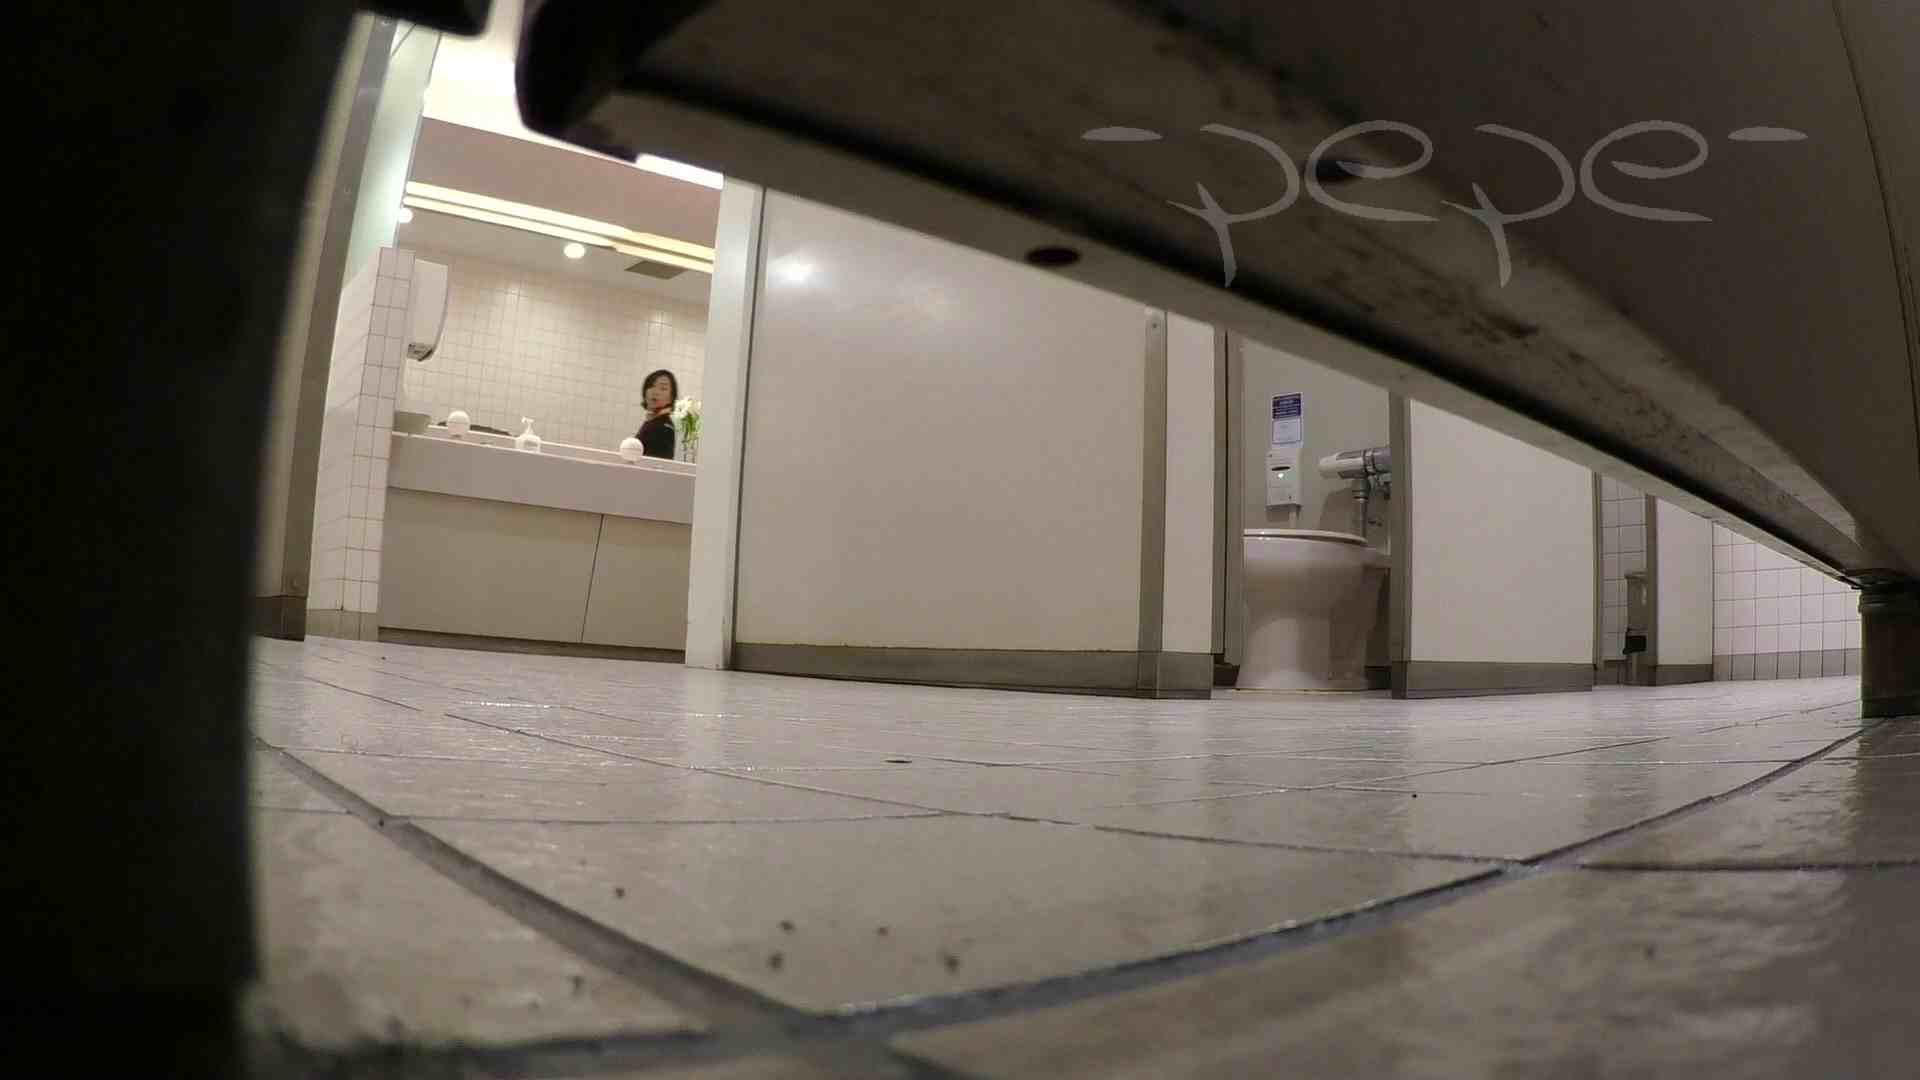 至高洗面所盗撮 30 至高店内撮り 見せますpepeの技!!2 高画質  74PIX 5